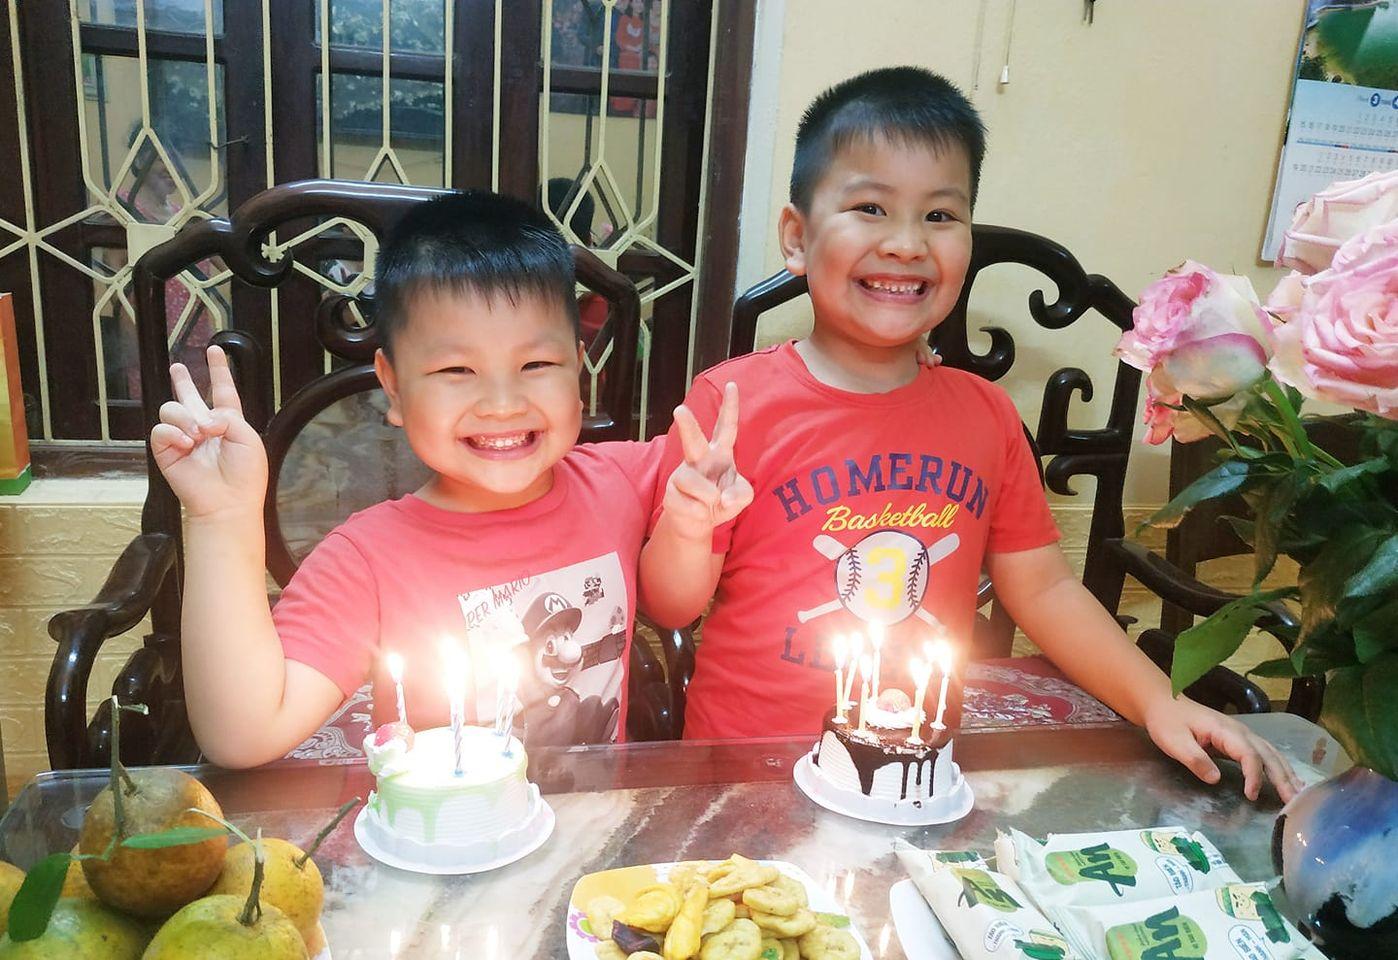 Bức thư cảm động của người mẹ gửi con trai nhân ngày sinh nhật - Ảnh 3.